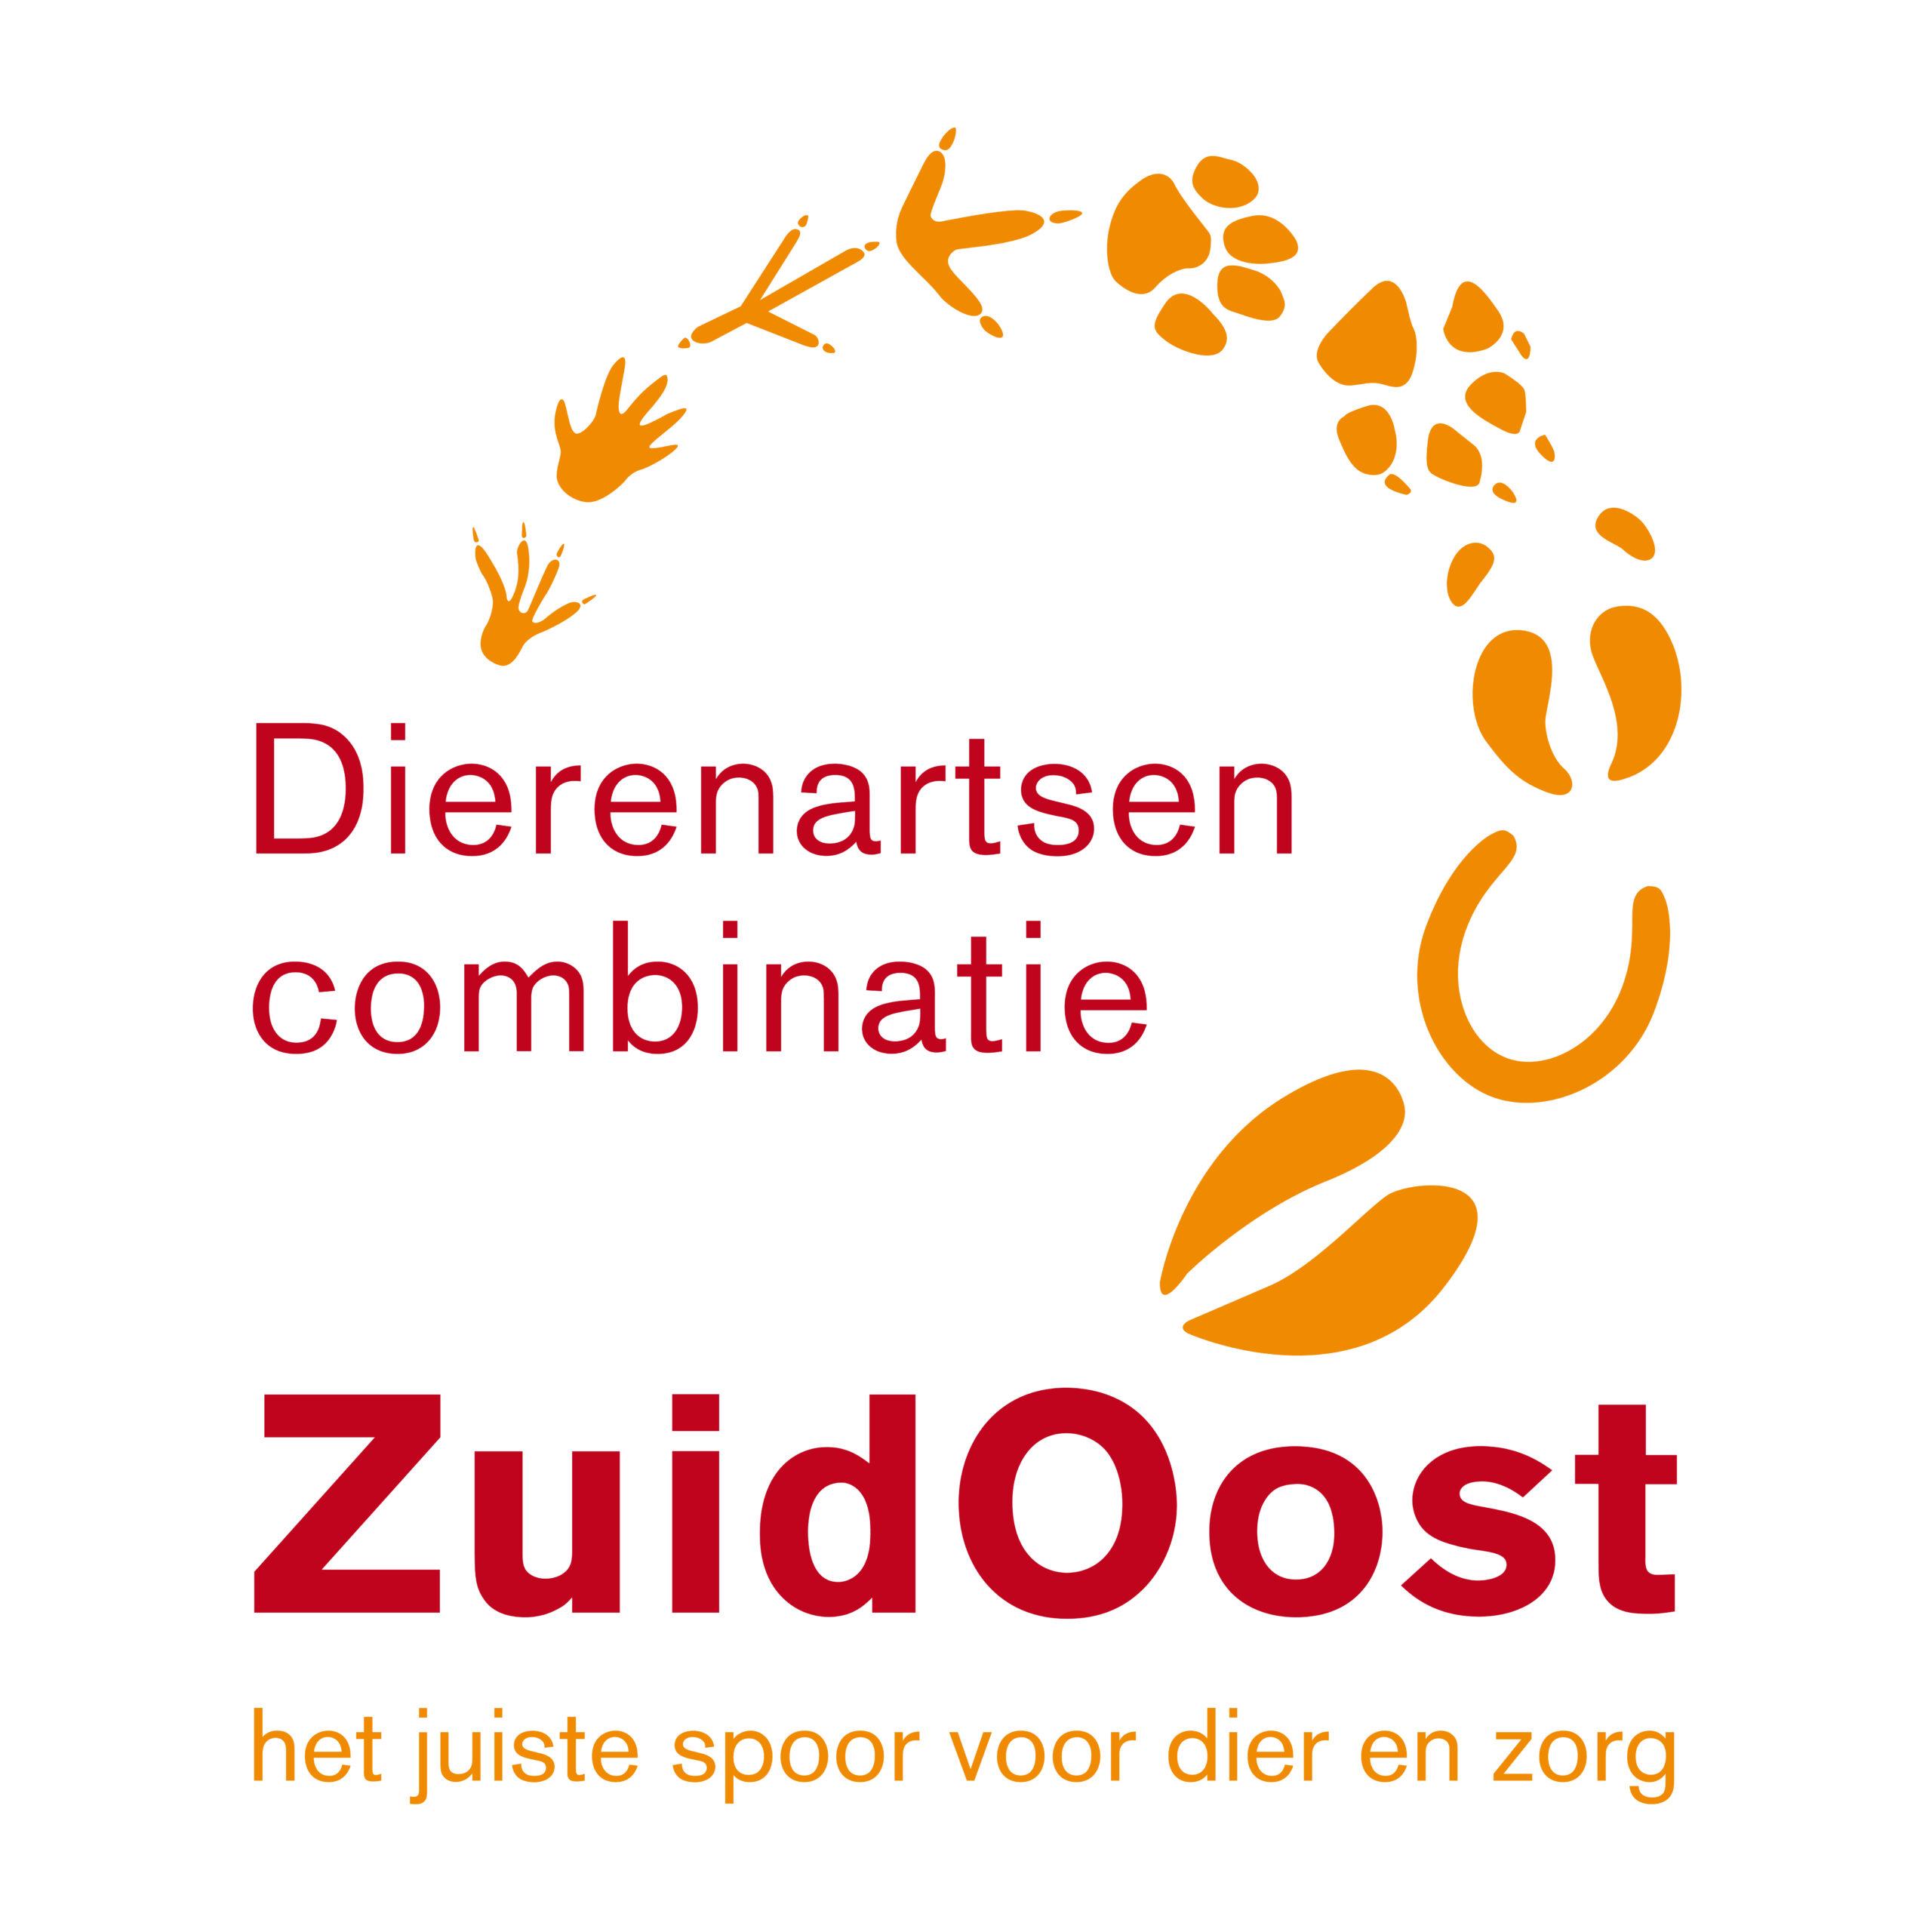 Dierenartsencombinatie ZuidOost Stiphout